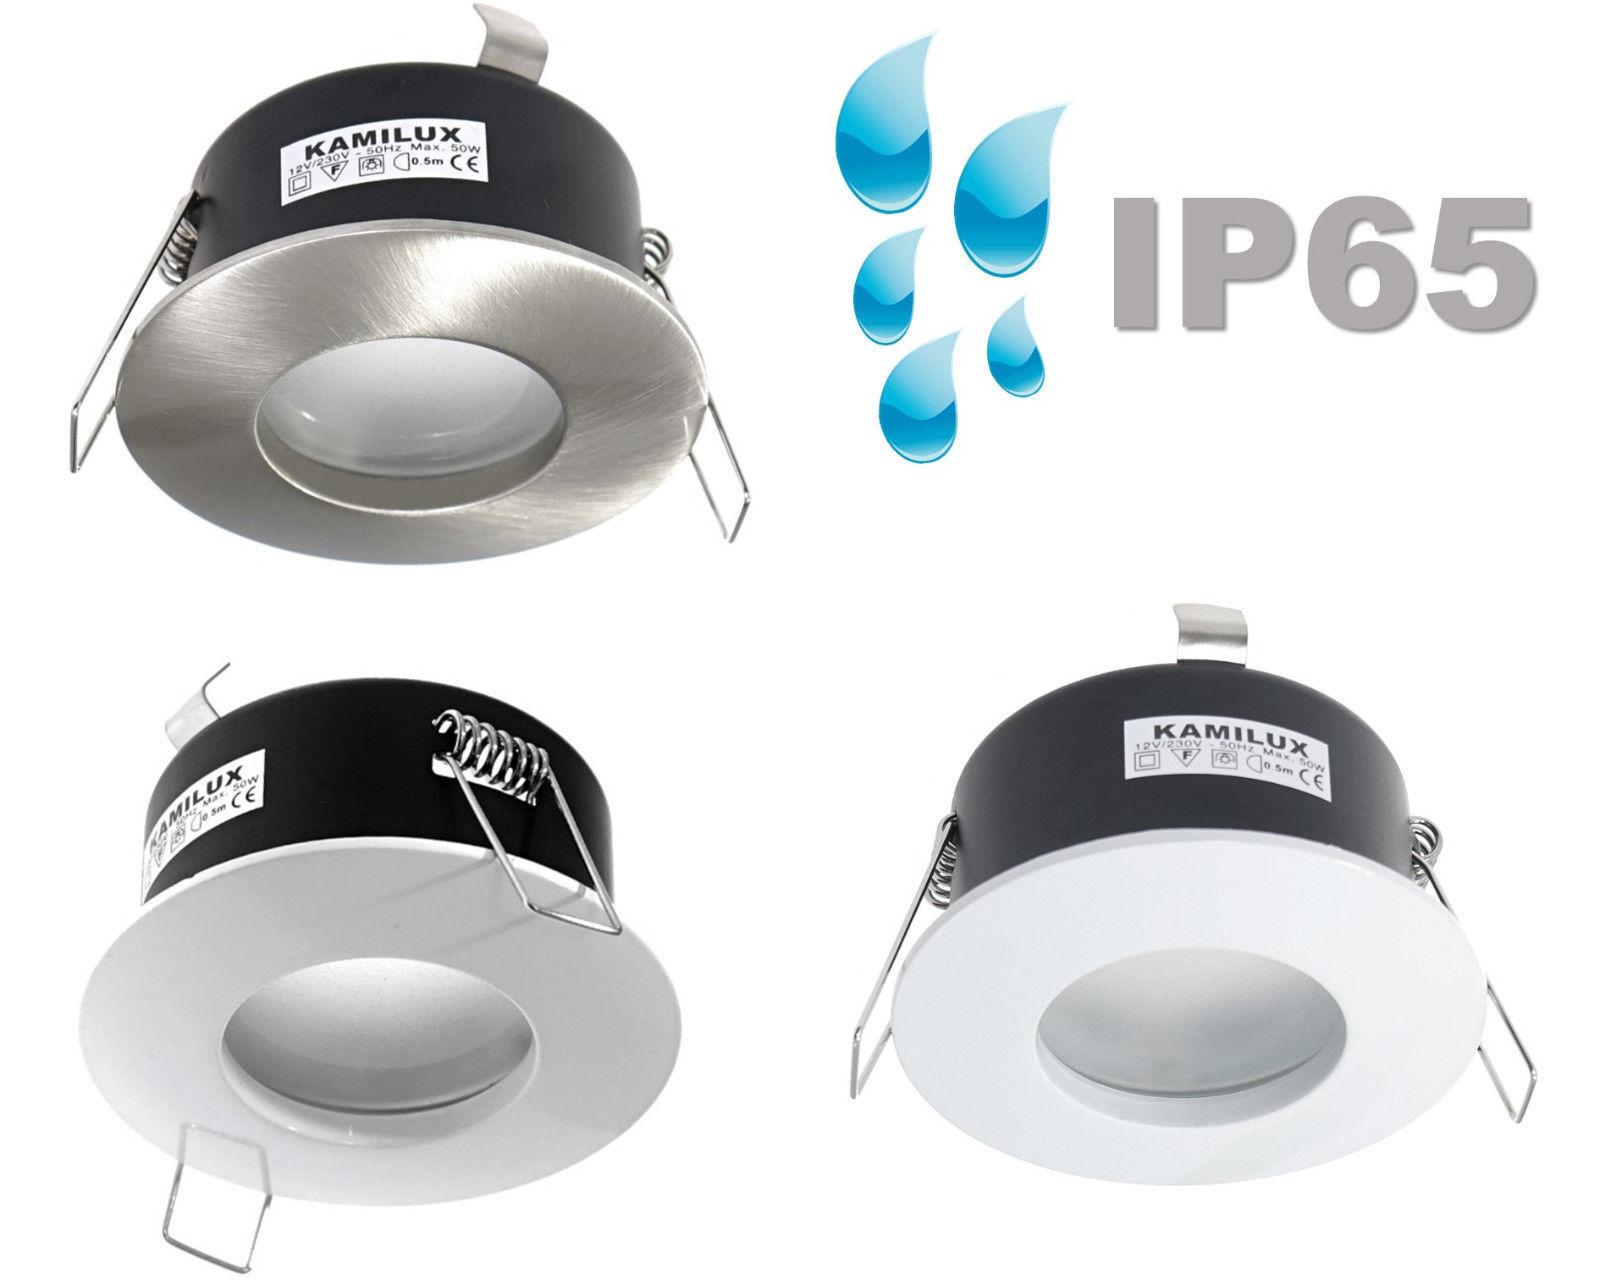 Feuchtraum Bad Dusche Einbauleuchte rund, IP65 ohne Leuchtmittel, 12V od. 230V